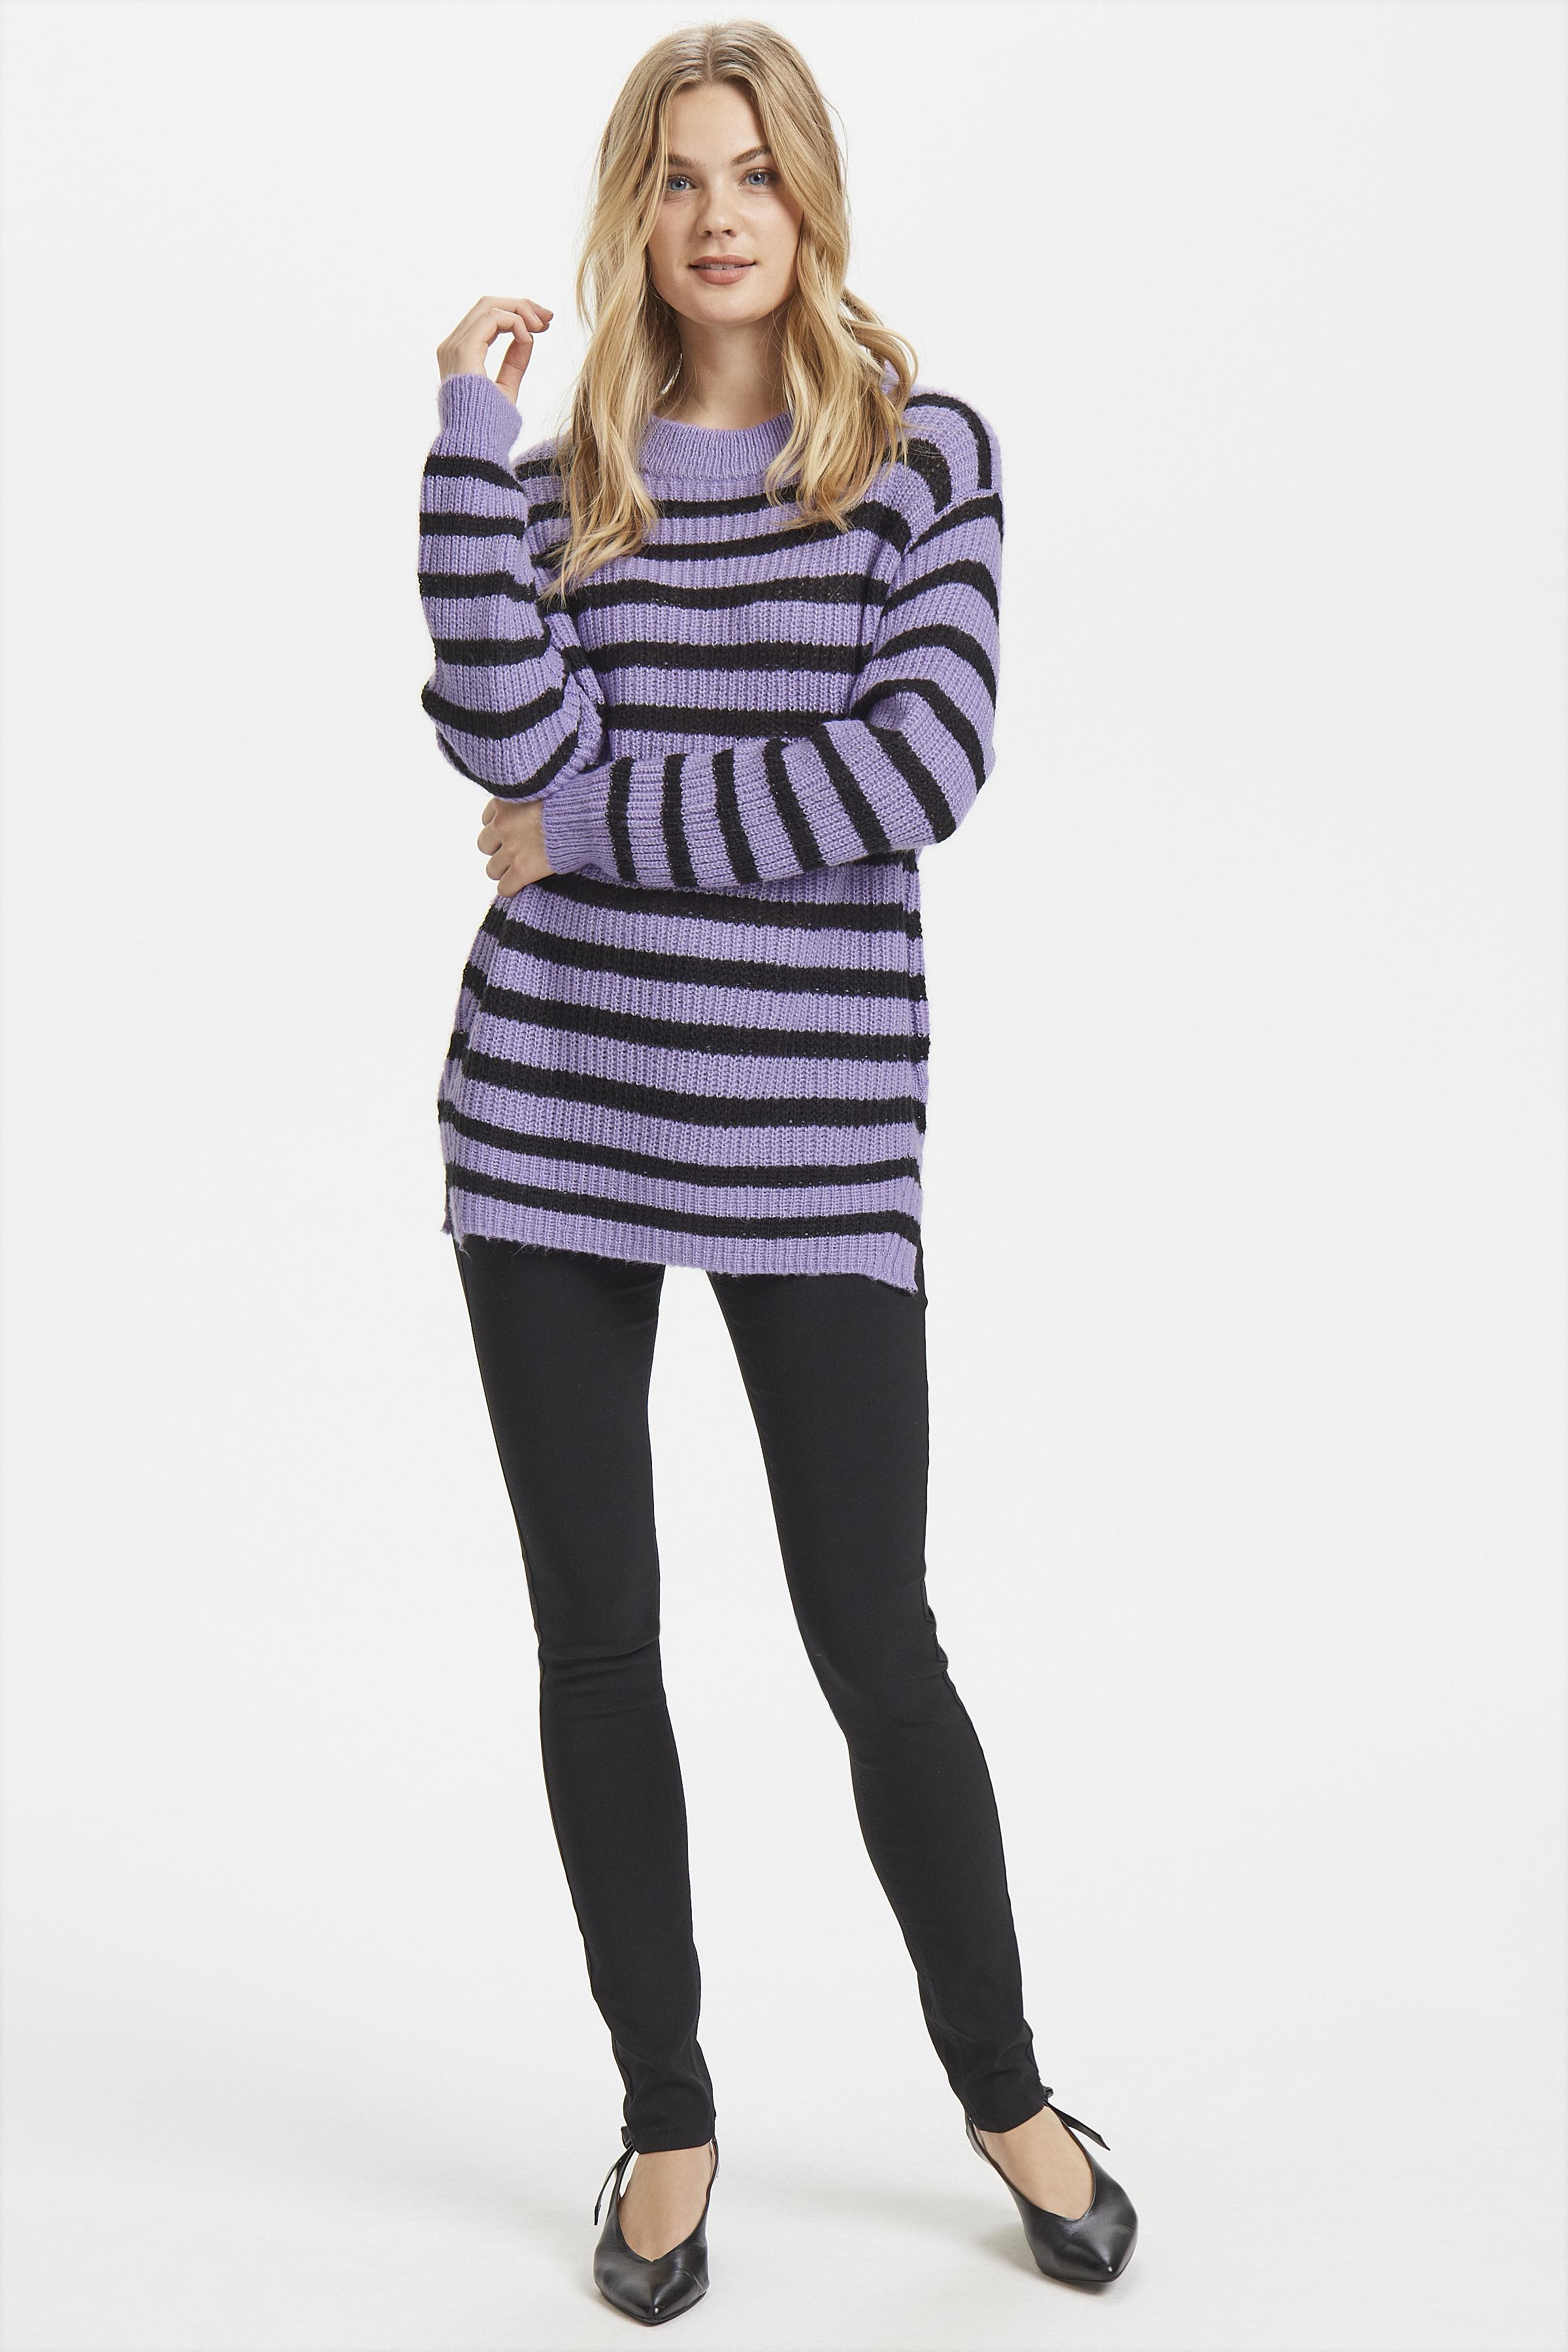 Violet Tulip Combi Stickad pullover från b.young – Köp Violet Tulip Combi Stickad pullover från storlek XS-XXL här